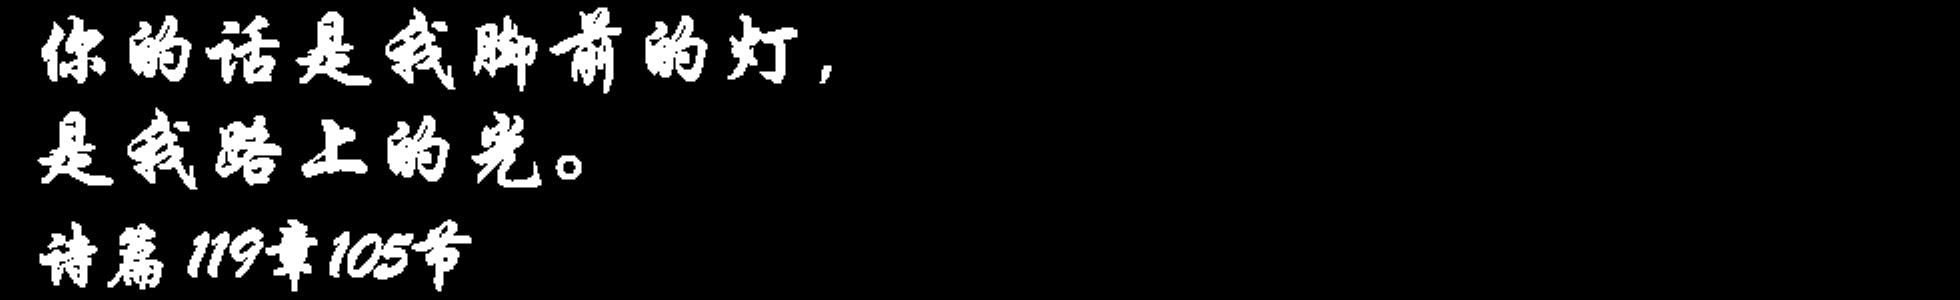 phrase-05-bicubic